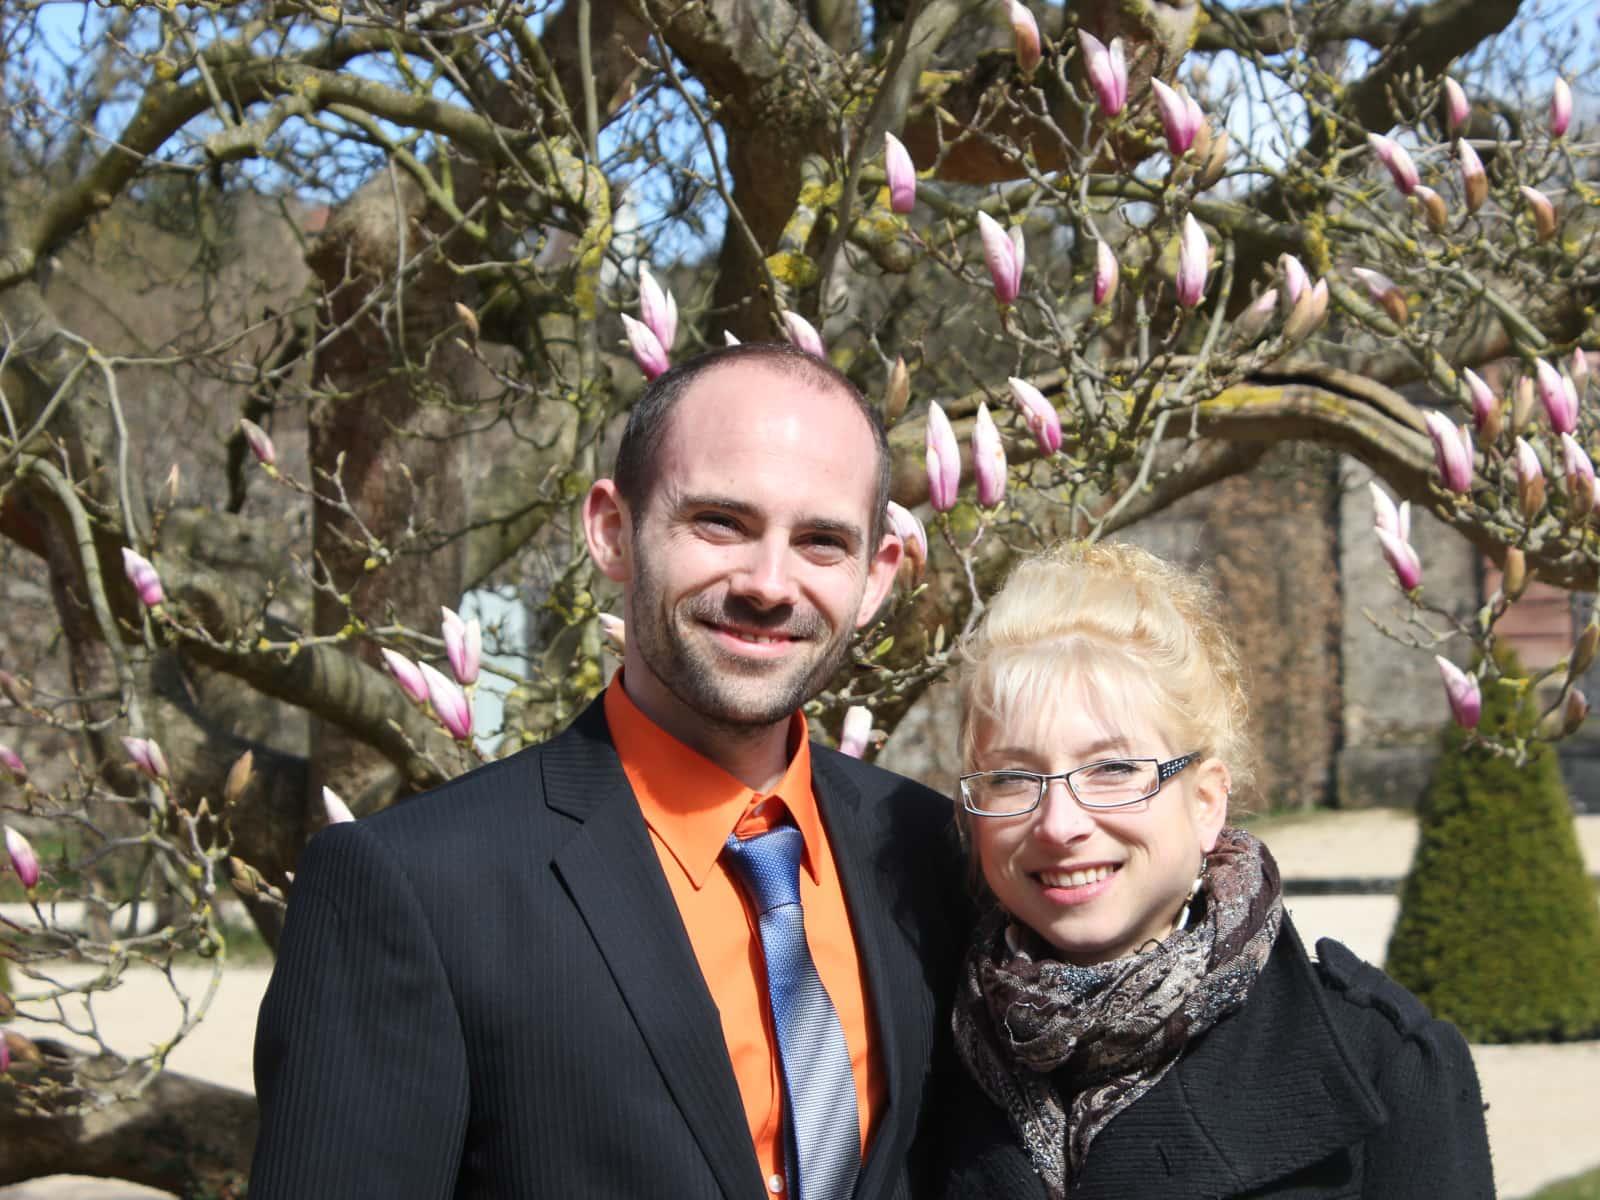 Martin & Mirjam from Würzburg, Germany